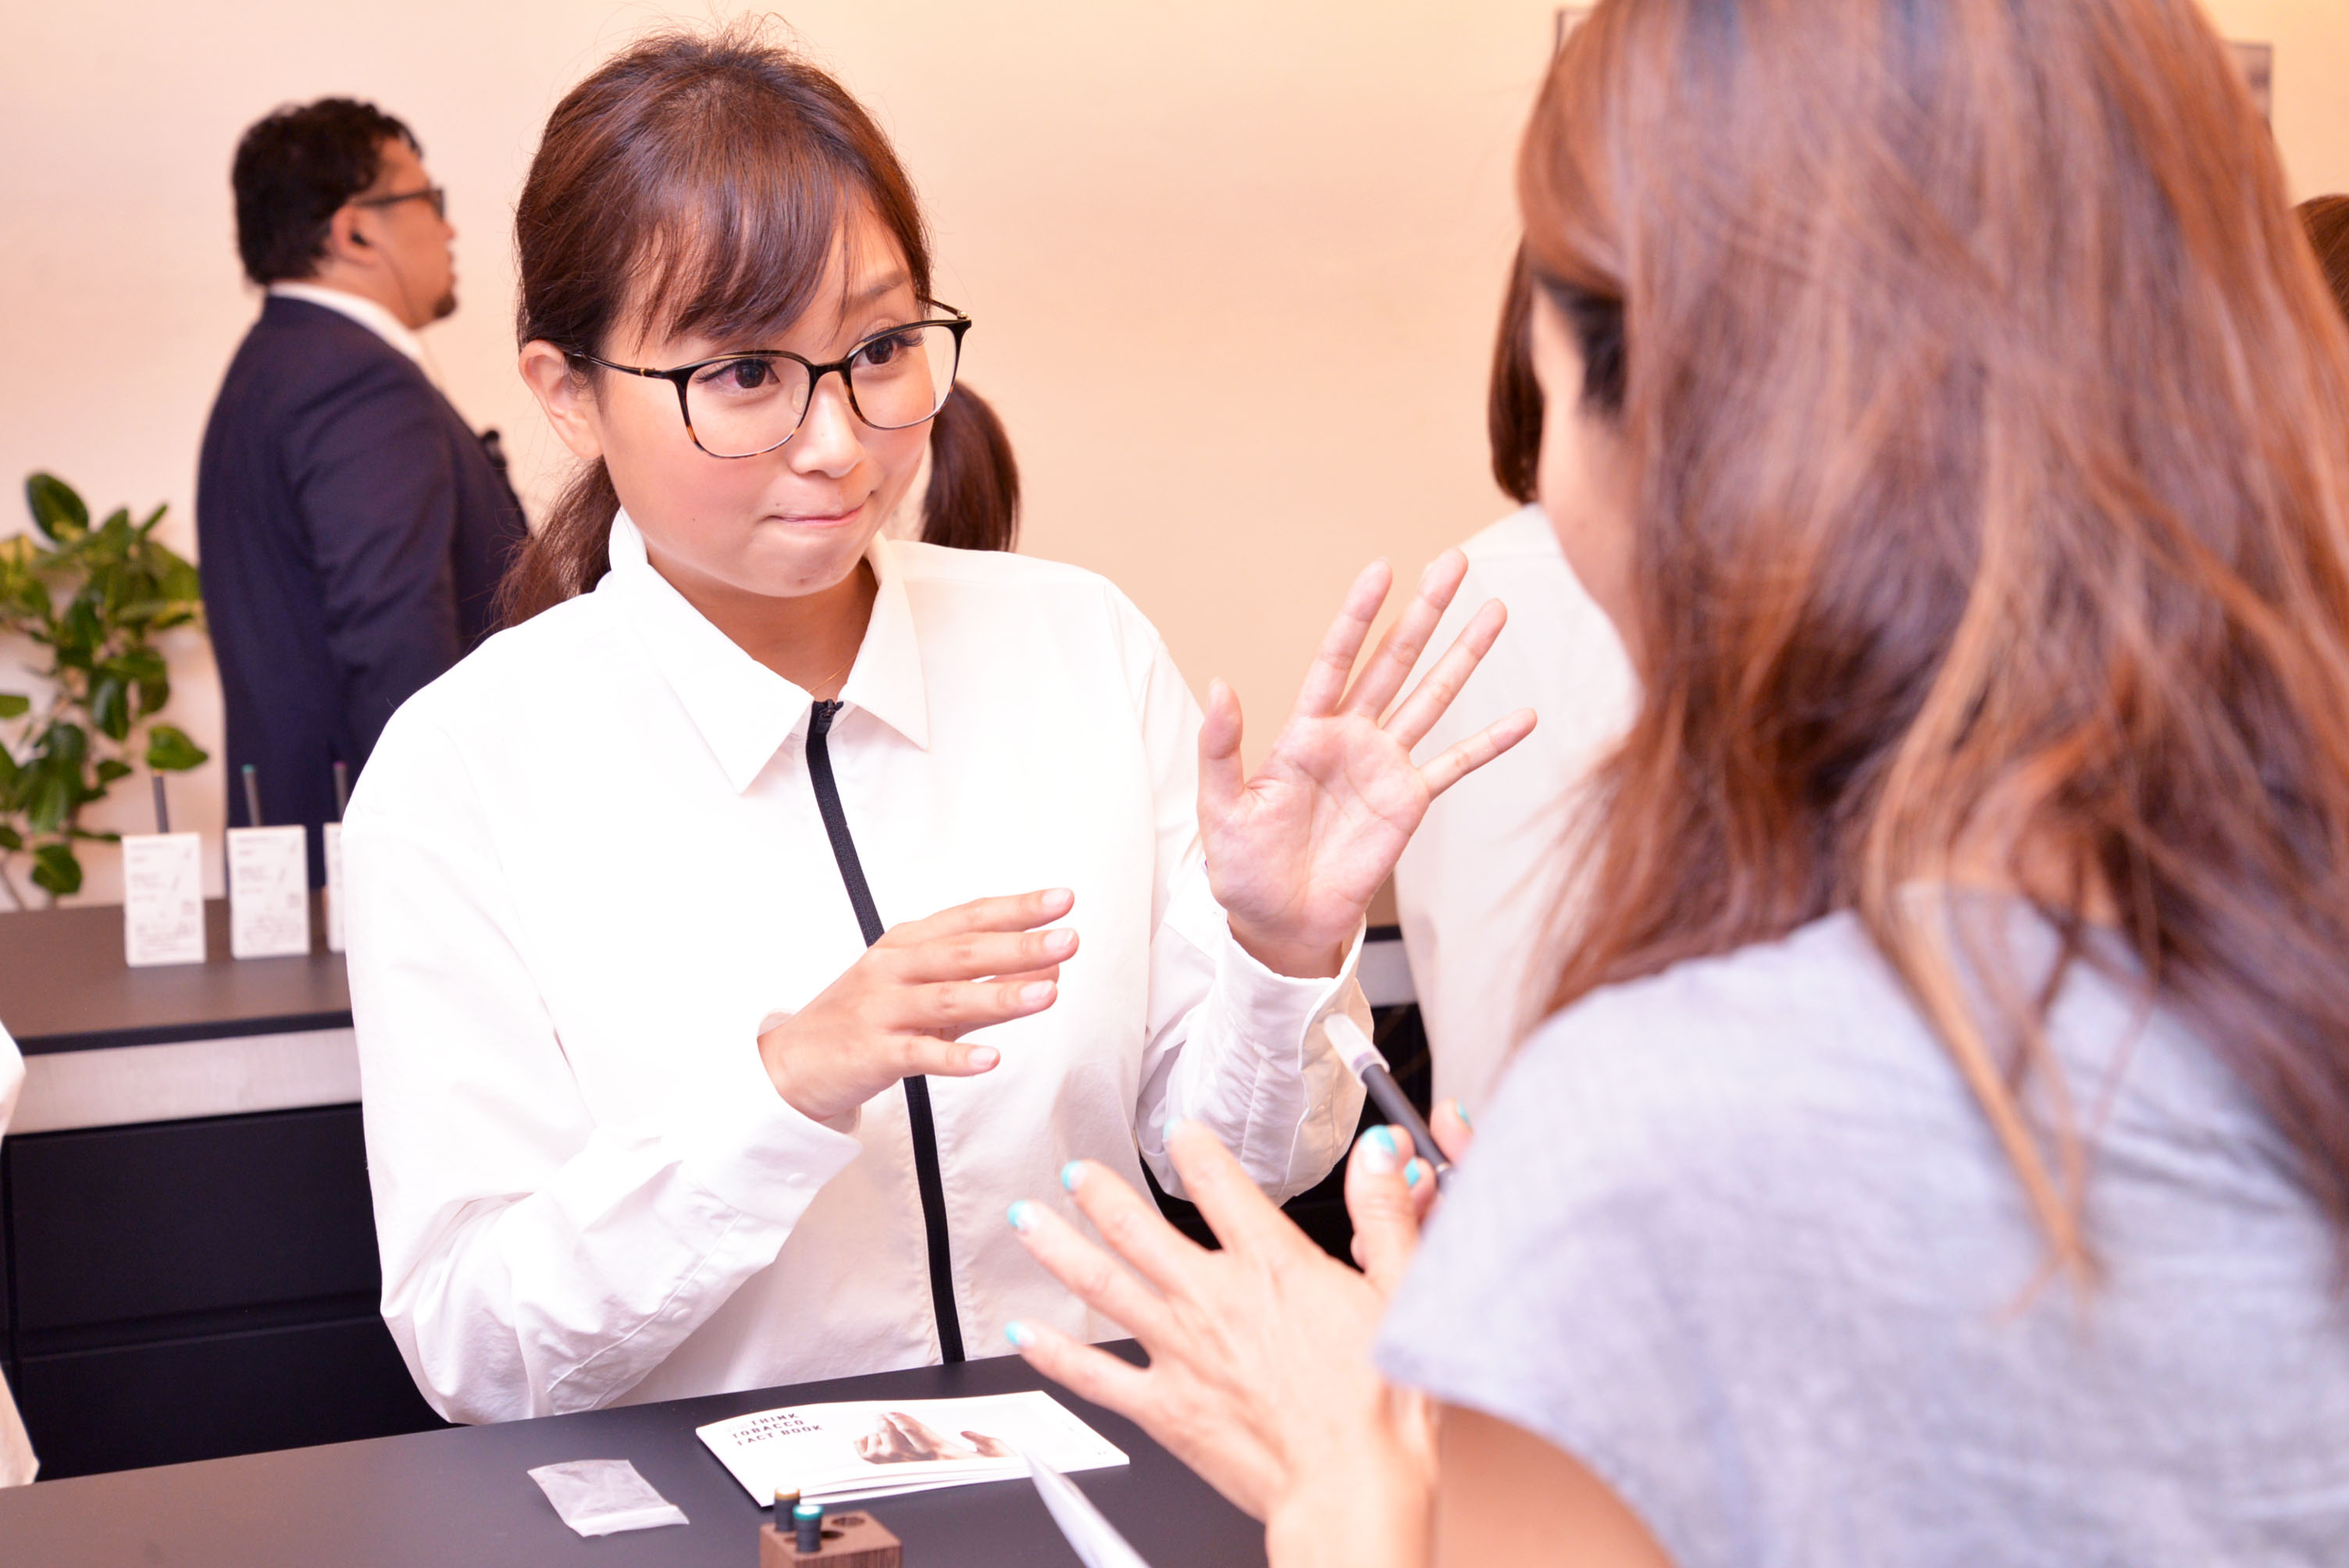 ↑スタッフが丁寧に説明してくれます。ちなみにユニフォームは、日本のアパレルブランド「Minotor」(ミノトール)とのコラボレーション